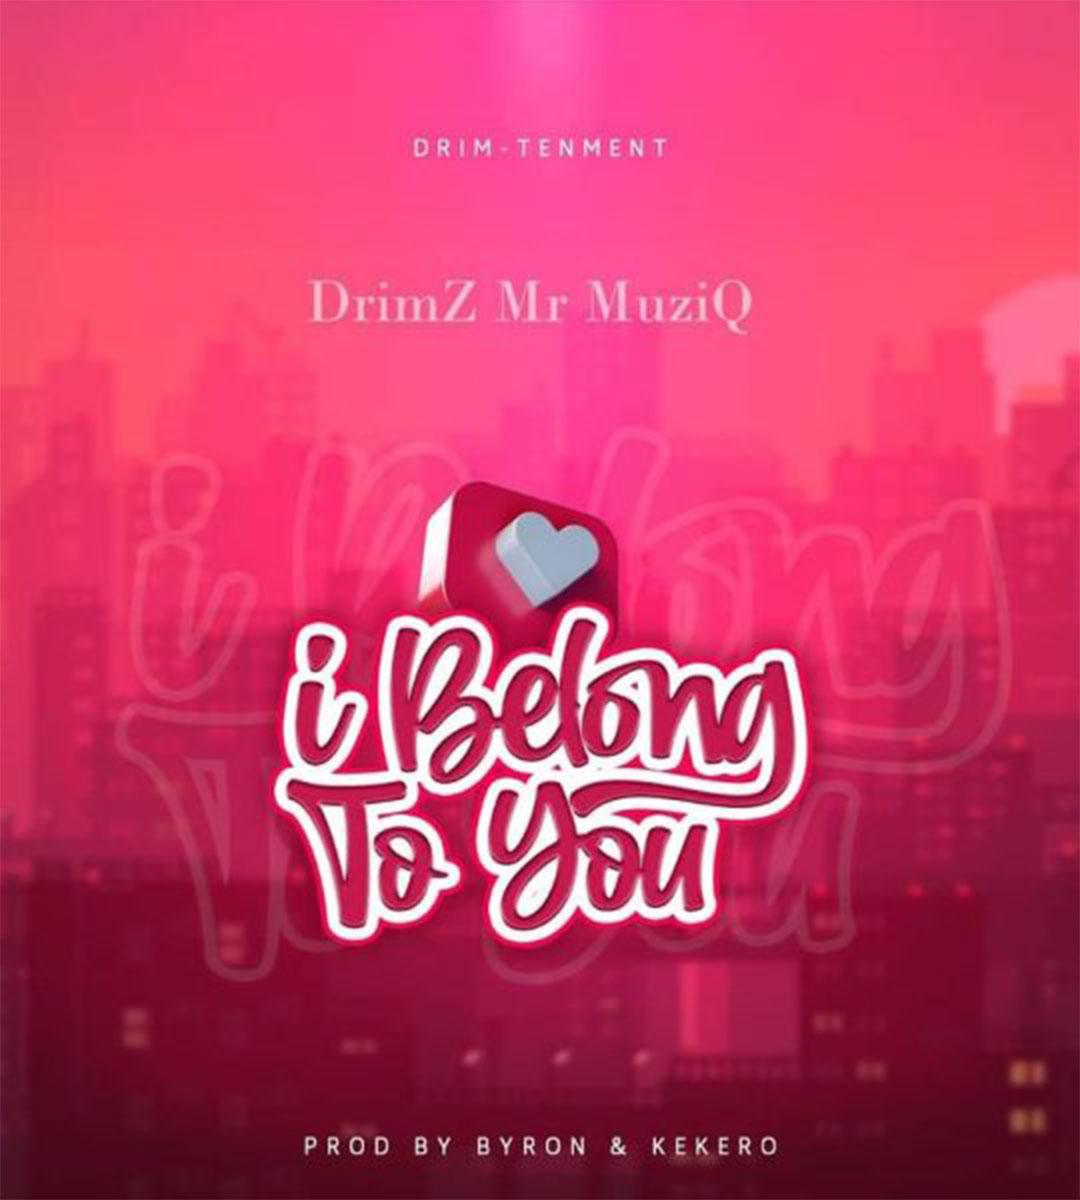 Drimz - I Belong To You (Prod. Byron & Kekero)